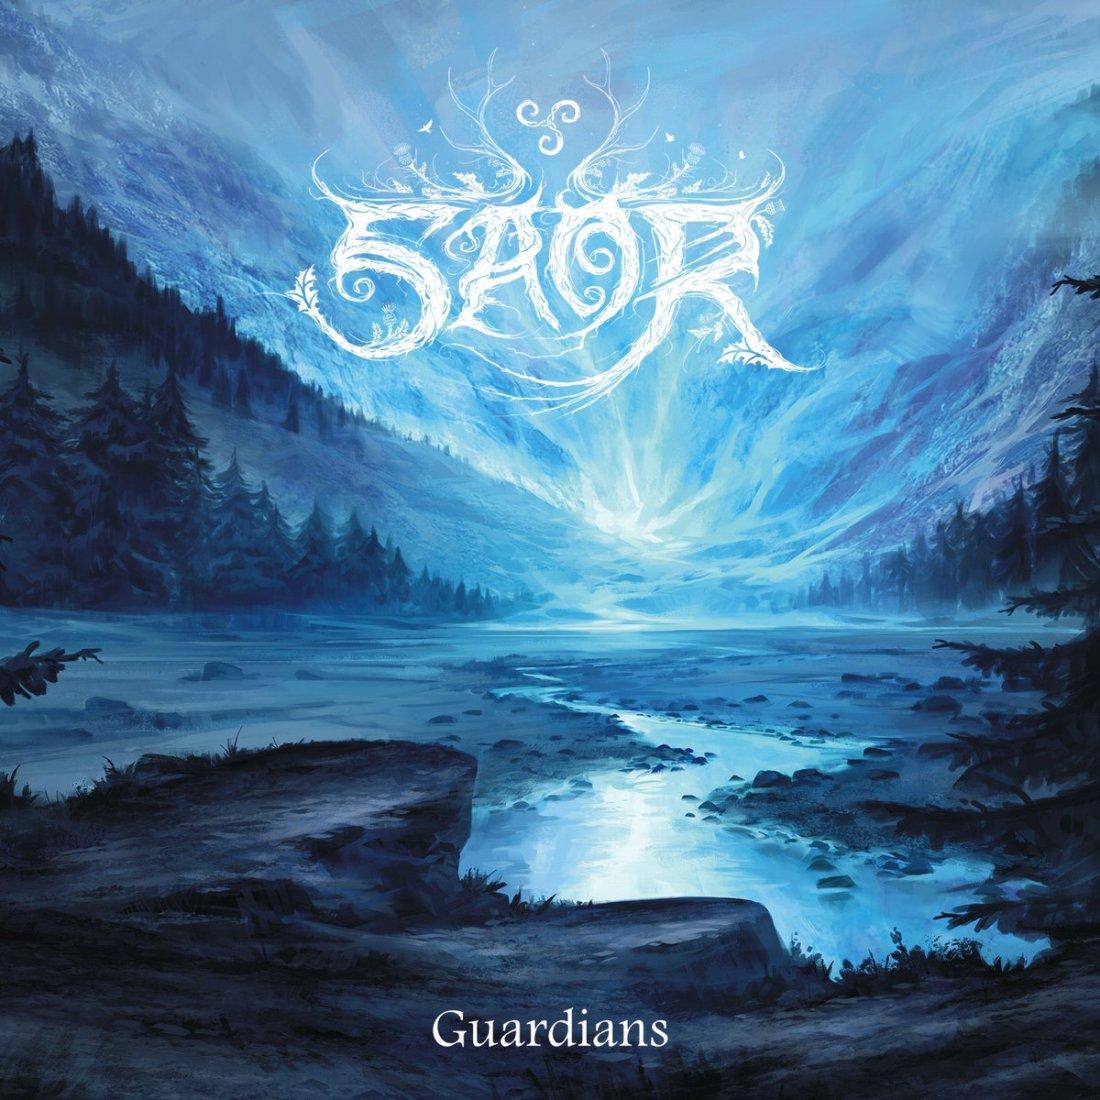 saor_guardians